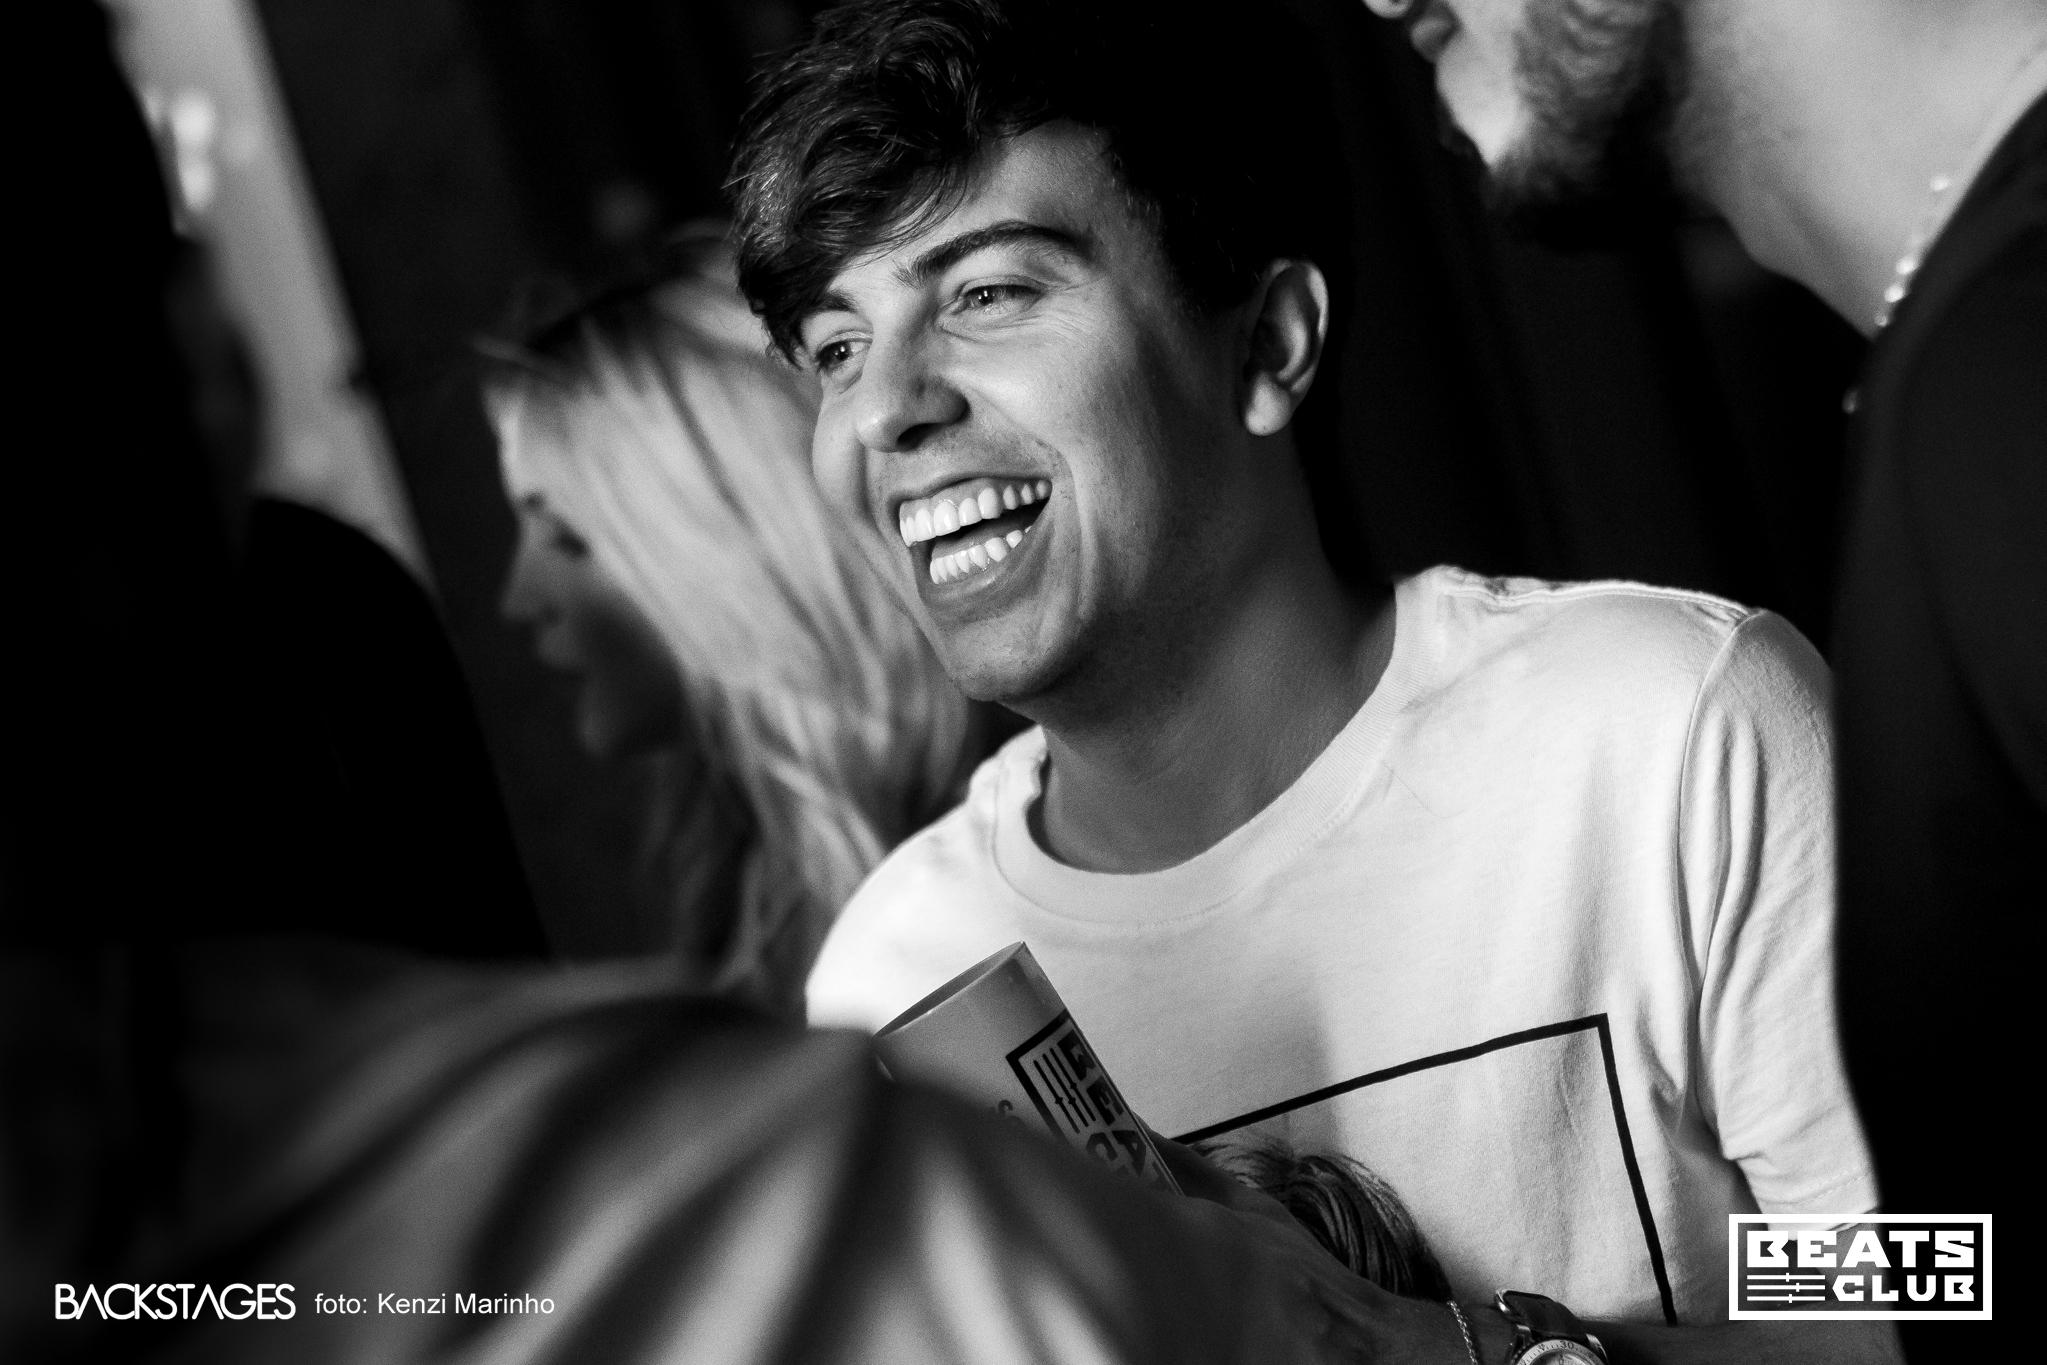 Beats Club - Inauguração 06.05.2017 - Kenzi Marinho (64)